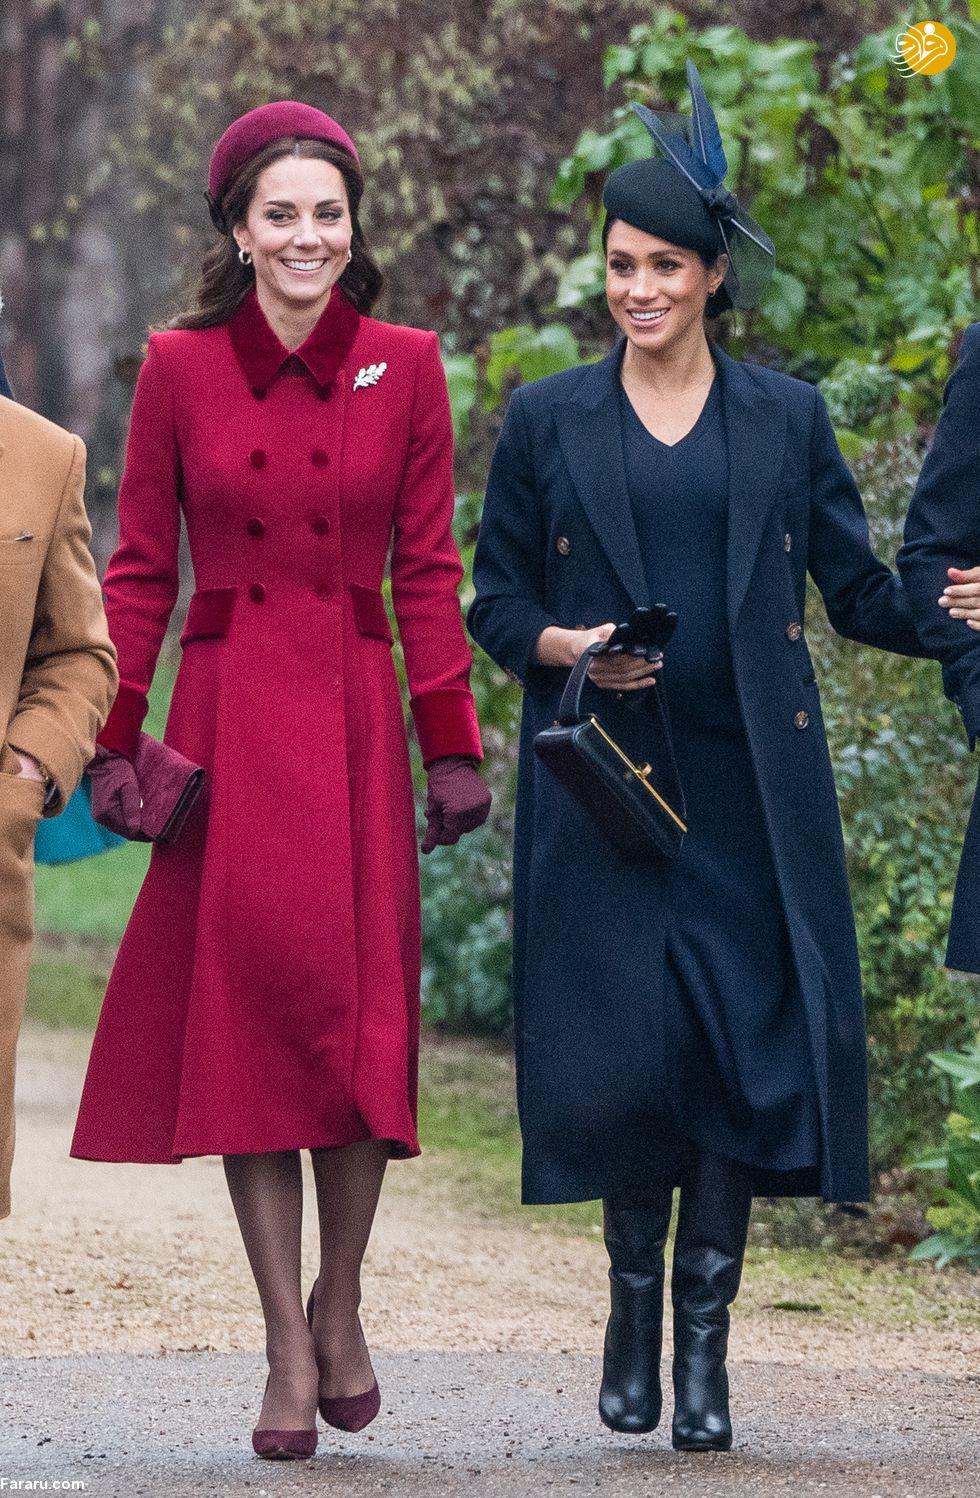 (تصاویر) پوشش خاندان سلطنتی بریتانیا در کریسمس - 17